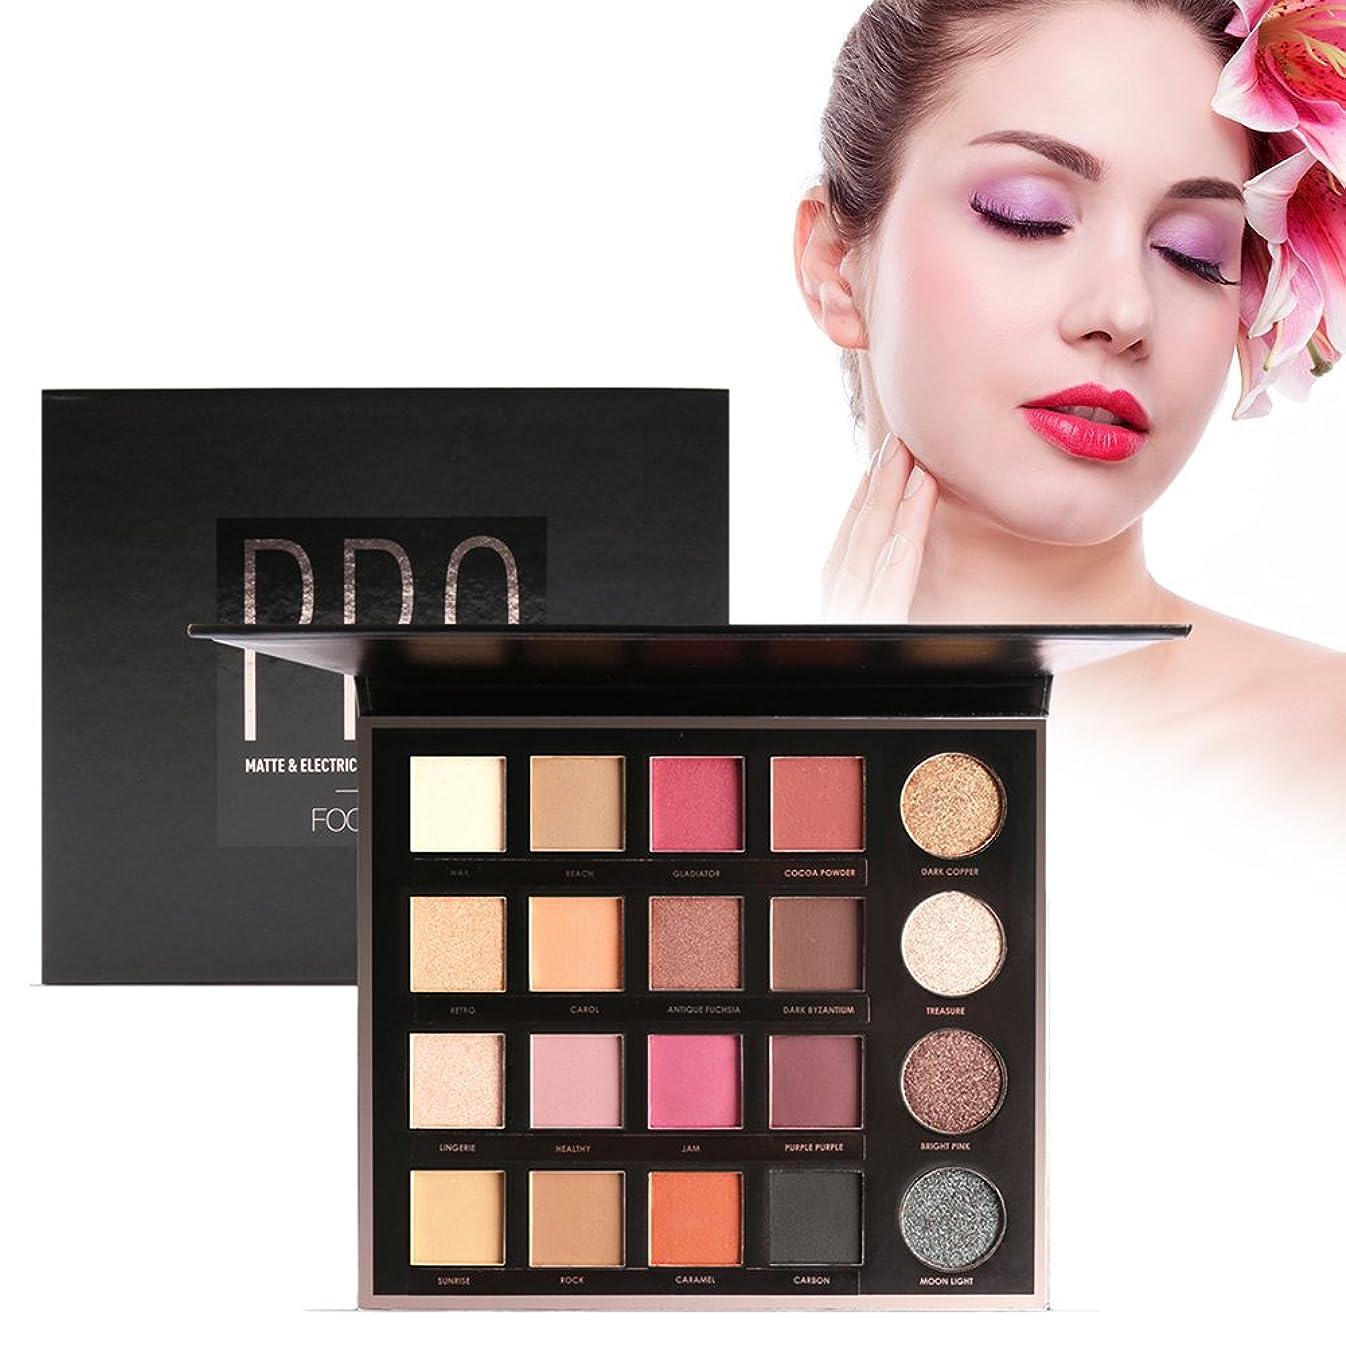 ボイラーワックス規範20色 アイシャドウパレット 化粧品ツール アイシャドウパレット 化粧マットグロス アイシャドウパウダー